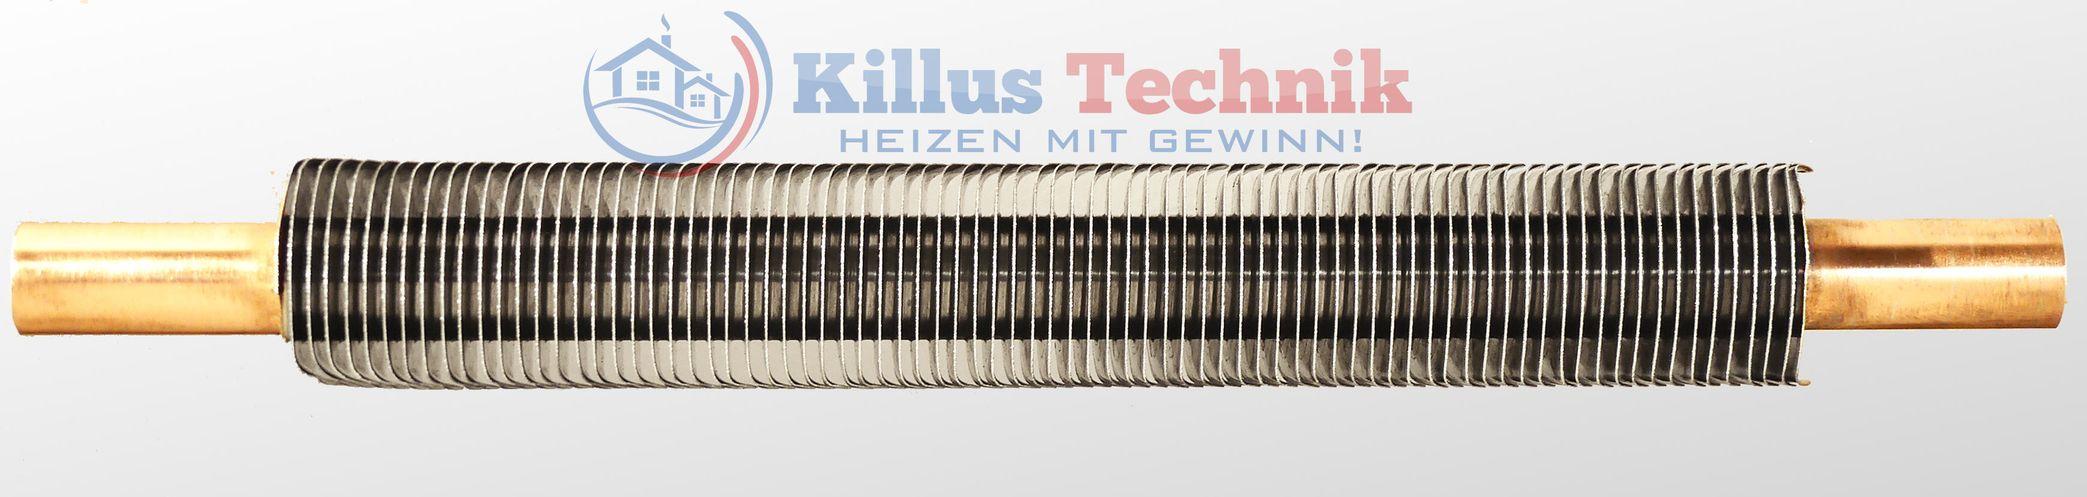 Ekowand Heizleisten für bestes Wohnklima und Heizkosten sparen Killus-Technik.de Heizregister in 3 Längen